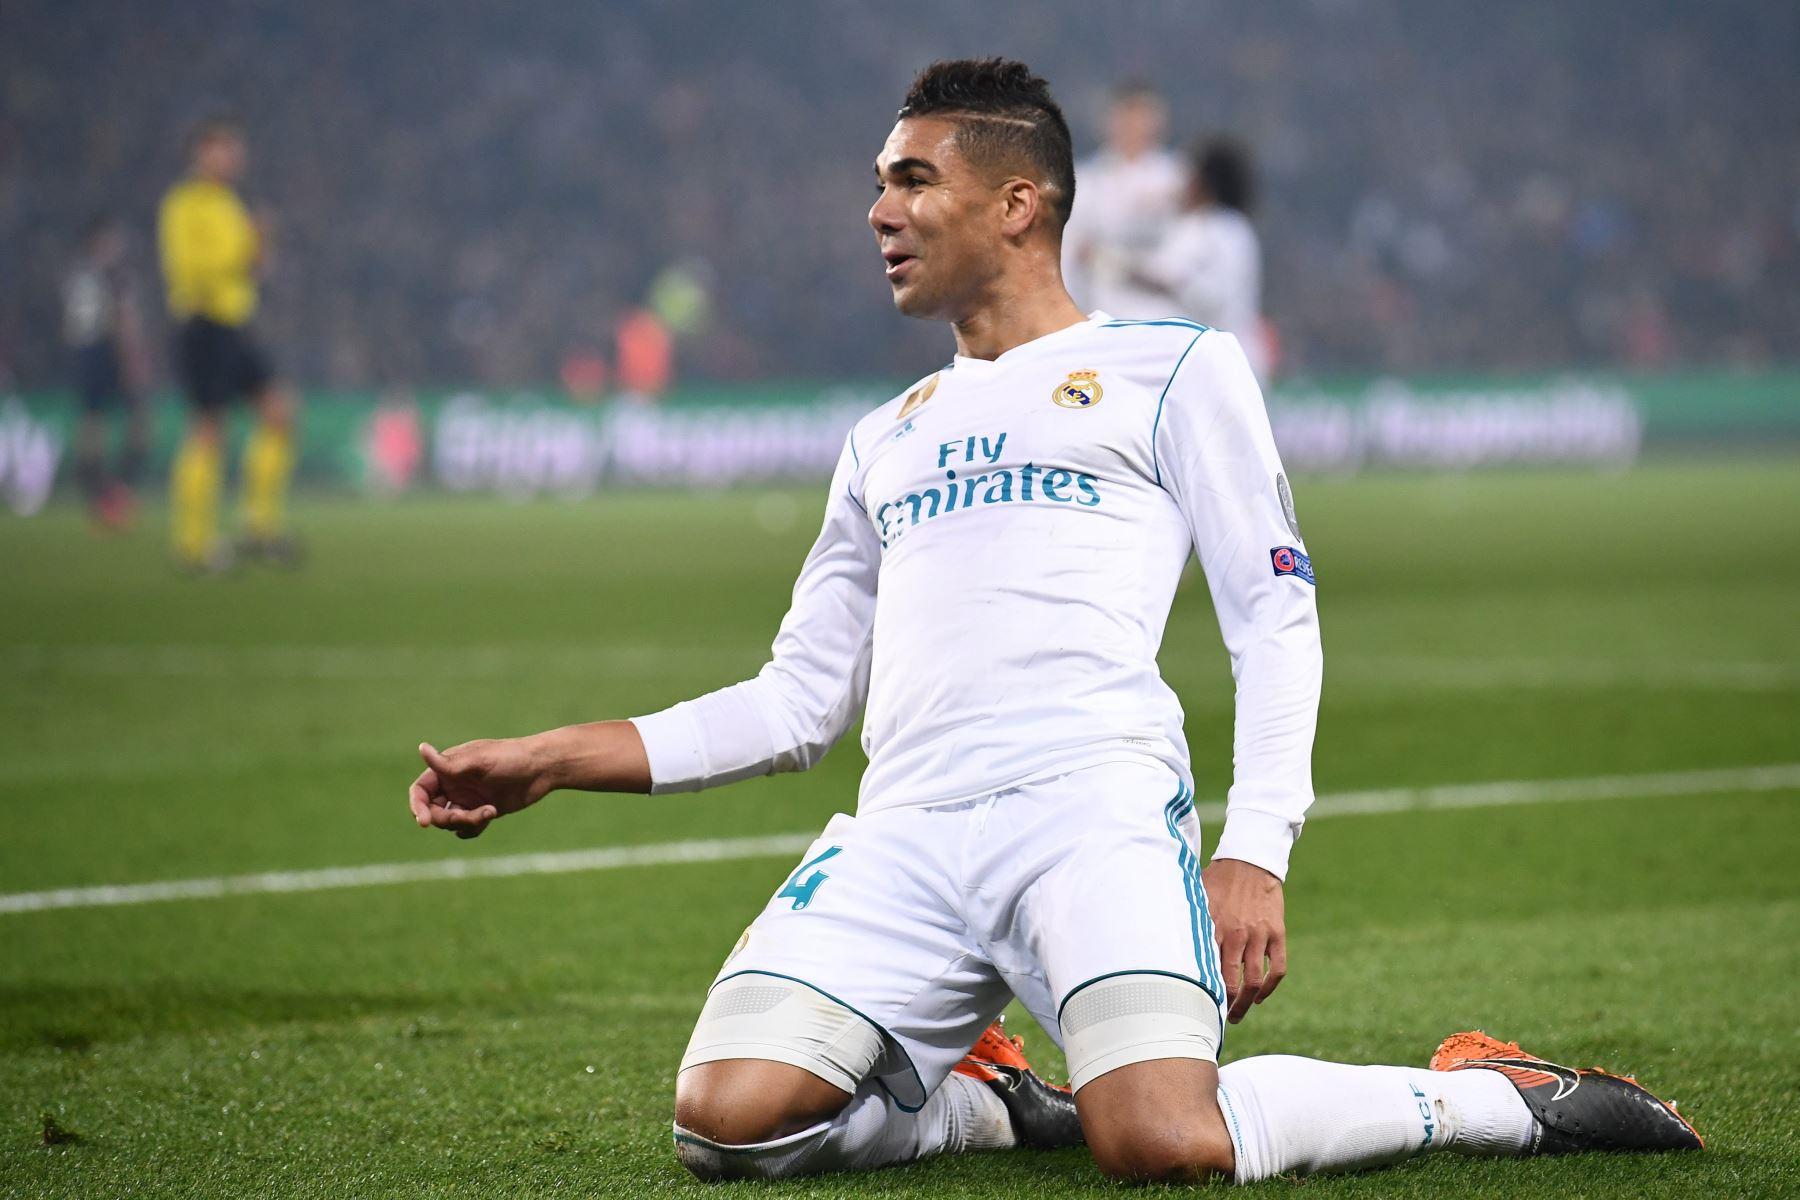 El centrocampista brasileño del Real Madrid Casemiro celebra después de anotar el segundo gol.Foto:AFP